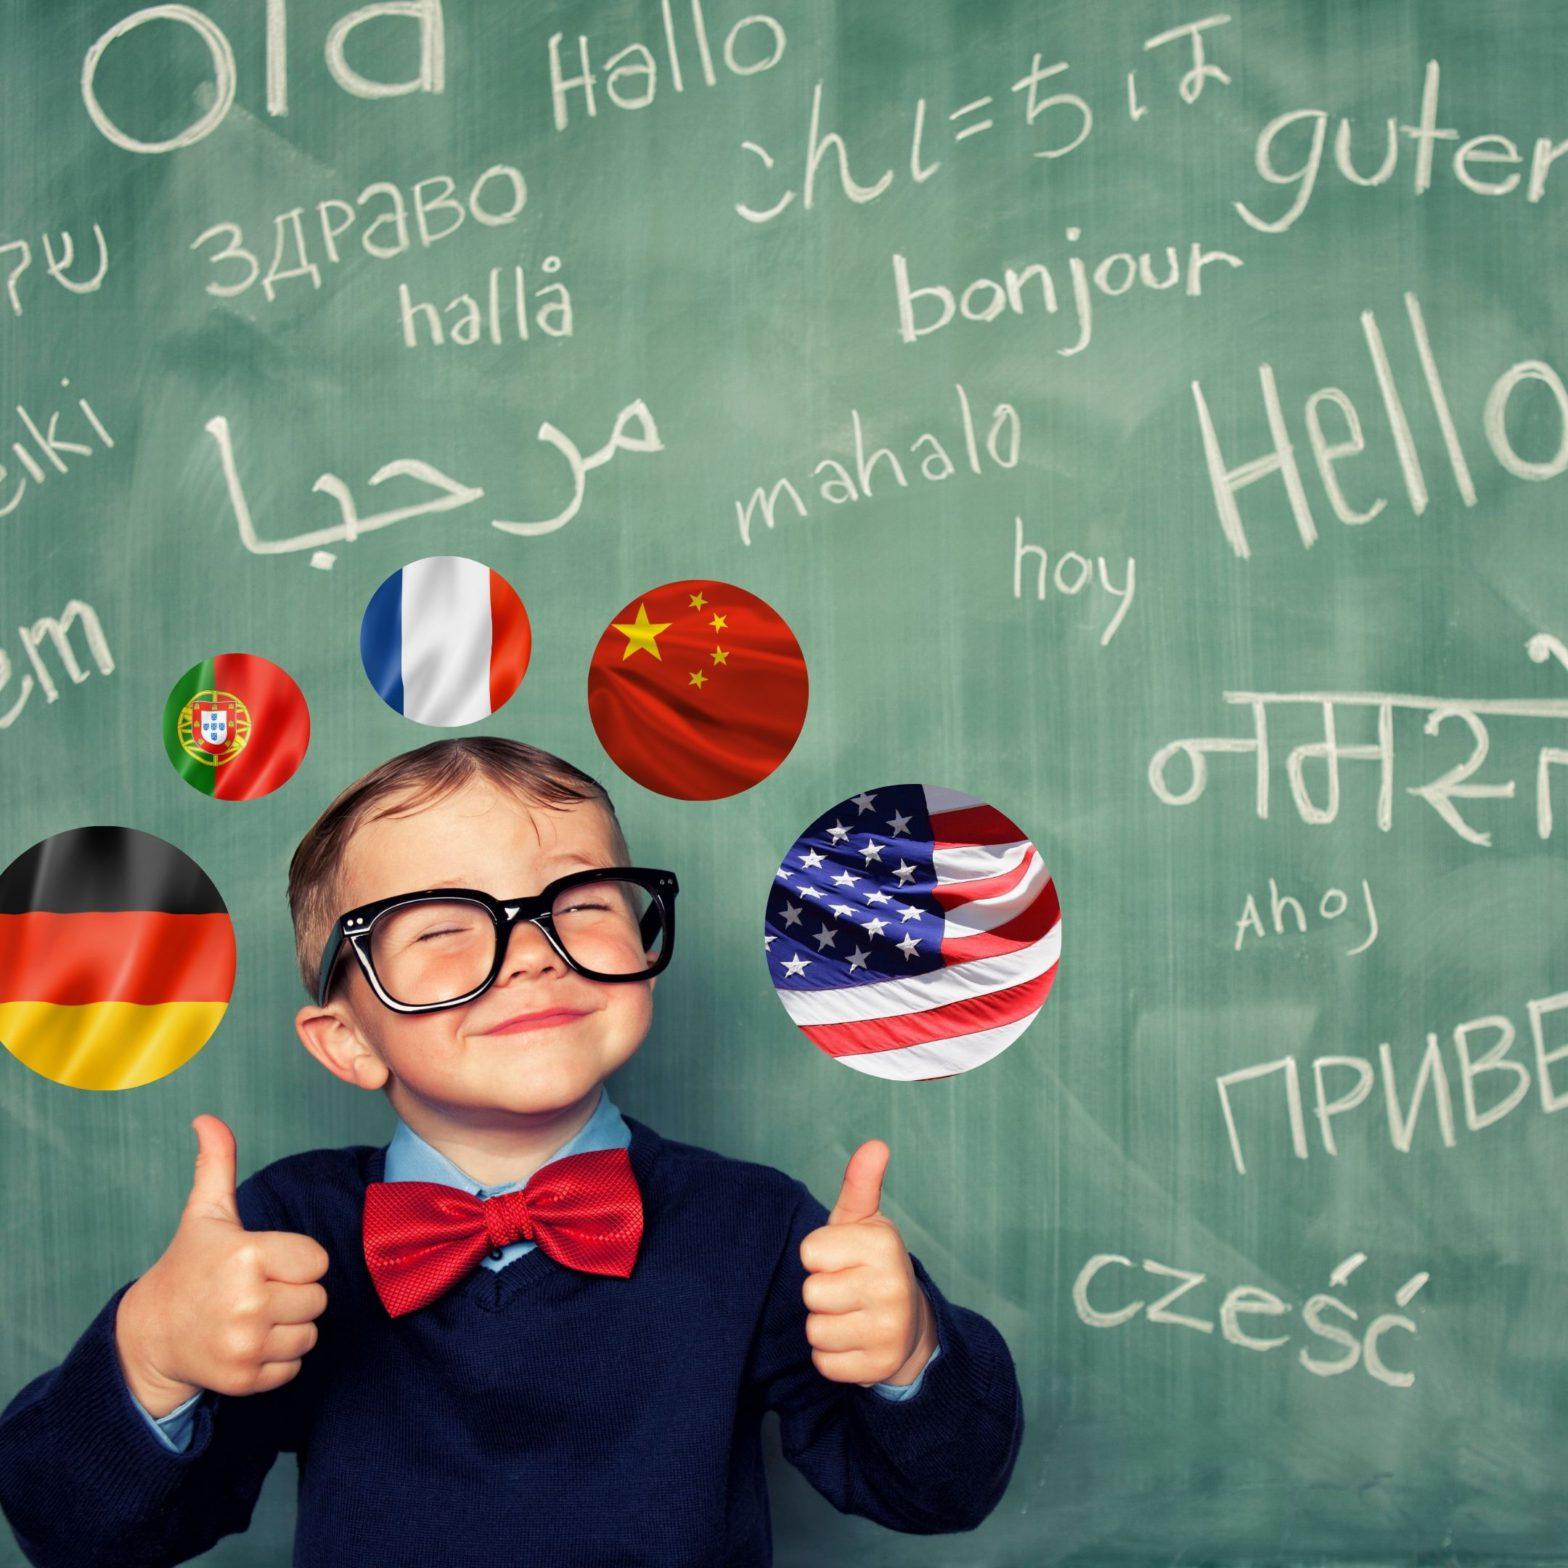 Nen petit amb ulleres davant d'una pissarra amb paraules en diferents idiomes amb banderes alemanyes, portugueses, franceses, xineses i americanes al voltant del cap. El nen petit dóna dos polzes i somriu.